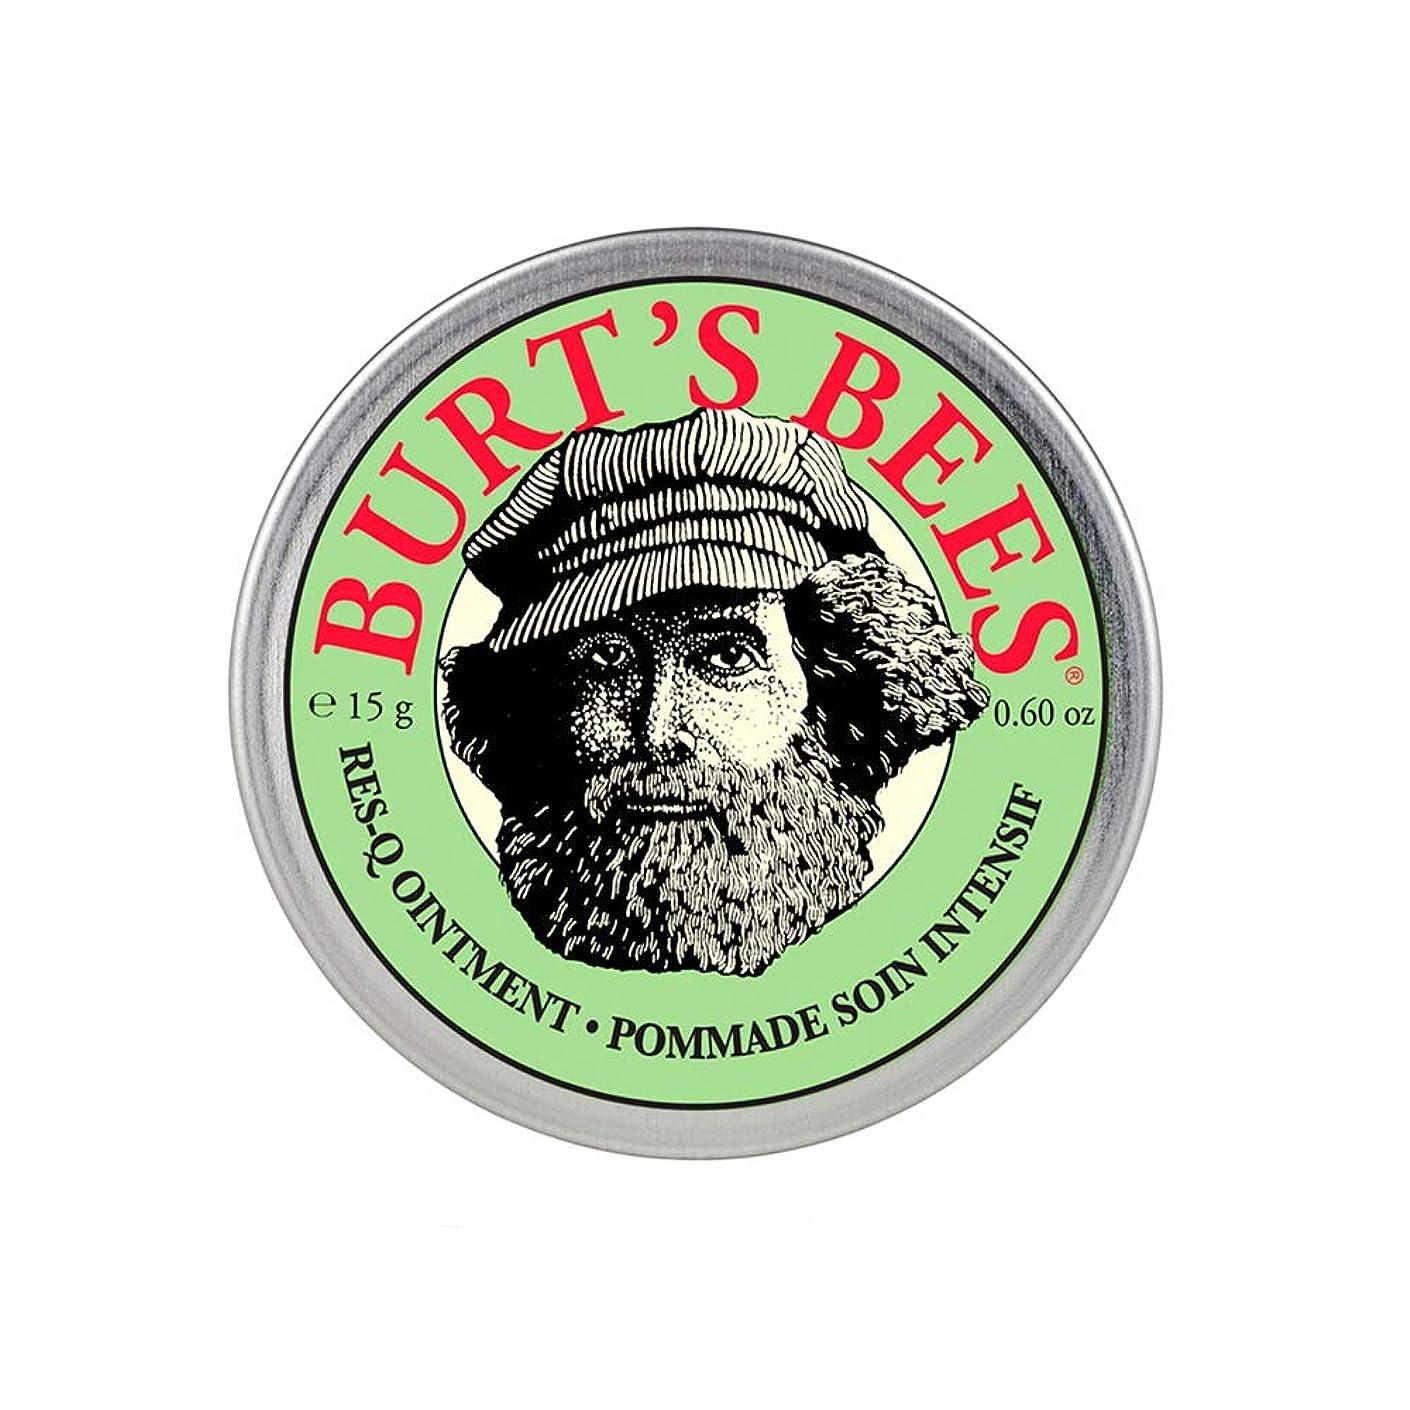 年お尻慣習バーツビーズ(Burt's Bees) レスキュー オイントメント 15g [100%ナチュラル、軟膏] [海外直送][並行輸入品]